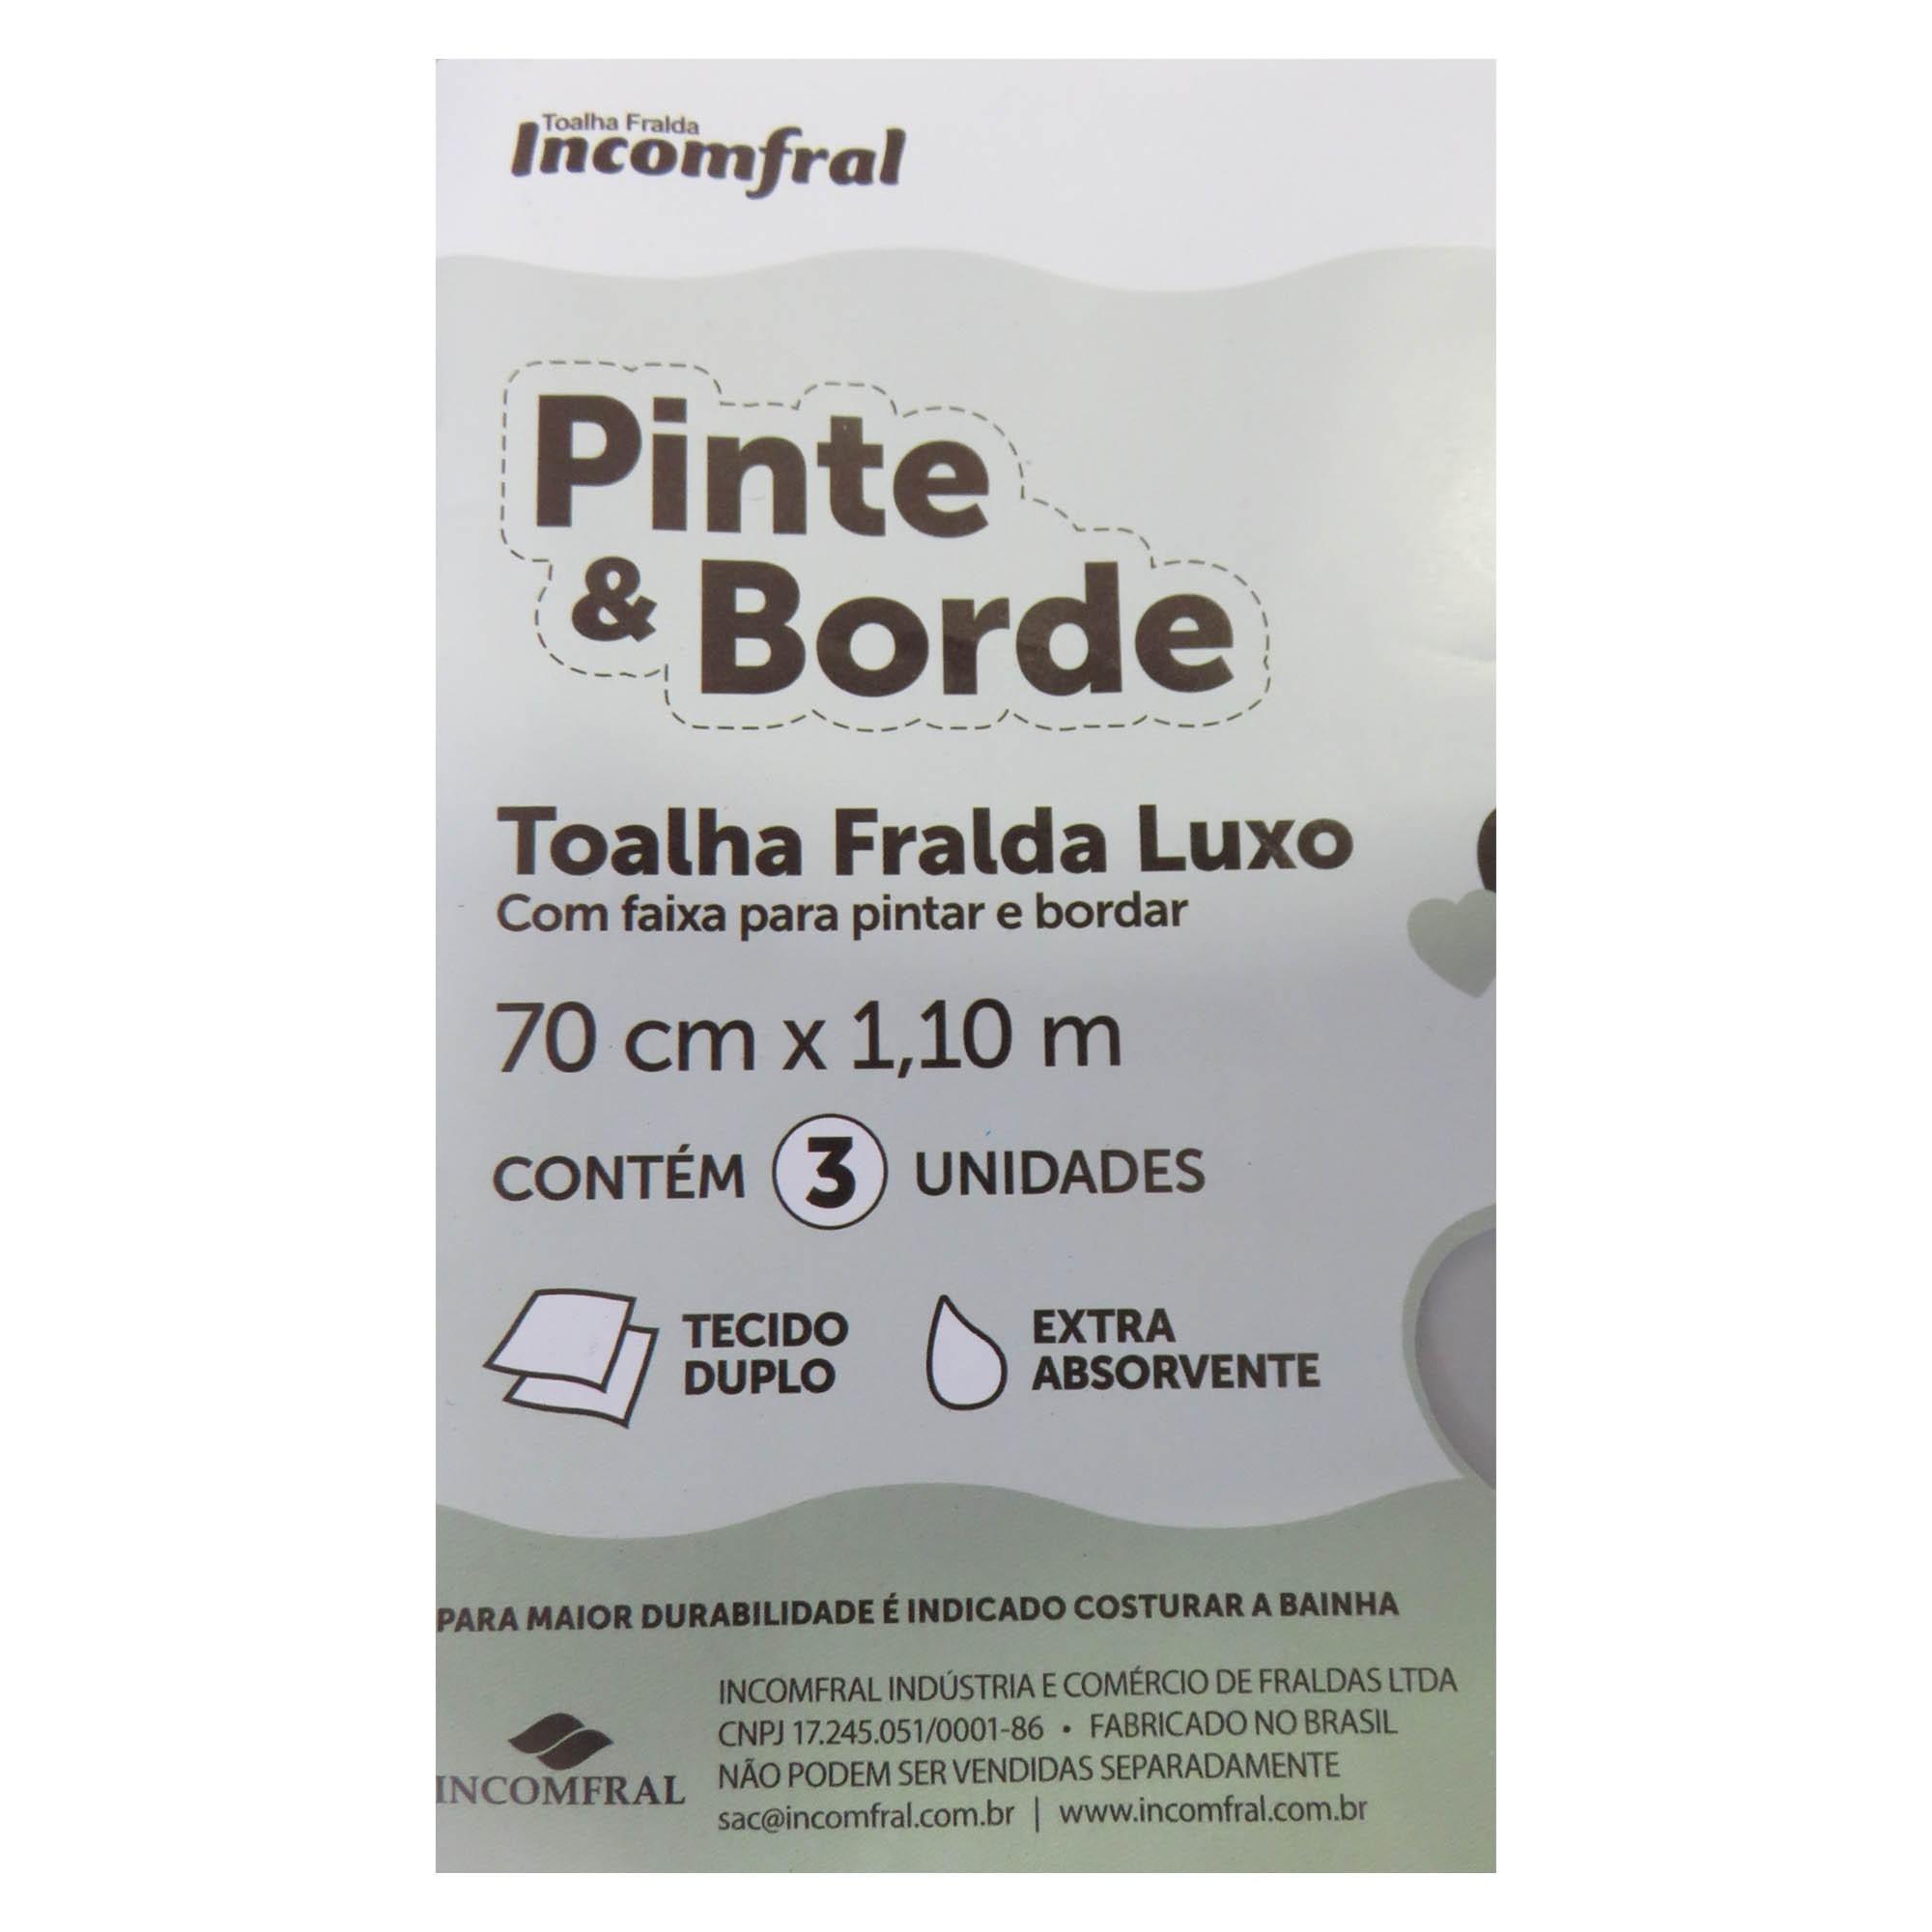 Toalha Fralda com 3 unidades - Incomfral - Pinte e Borde - Amarelo